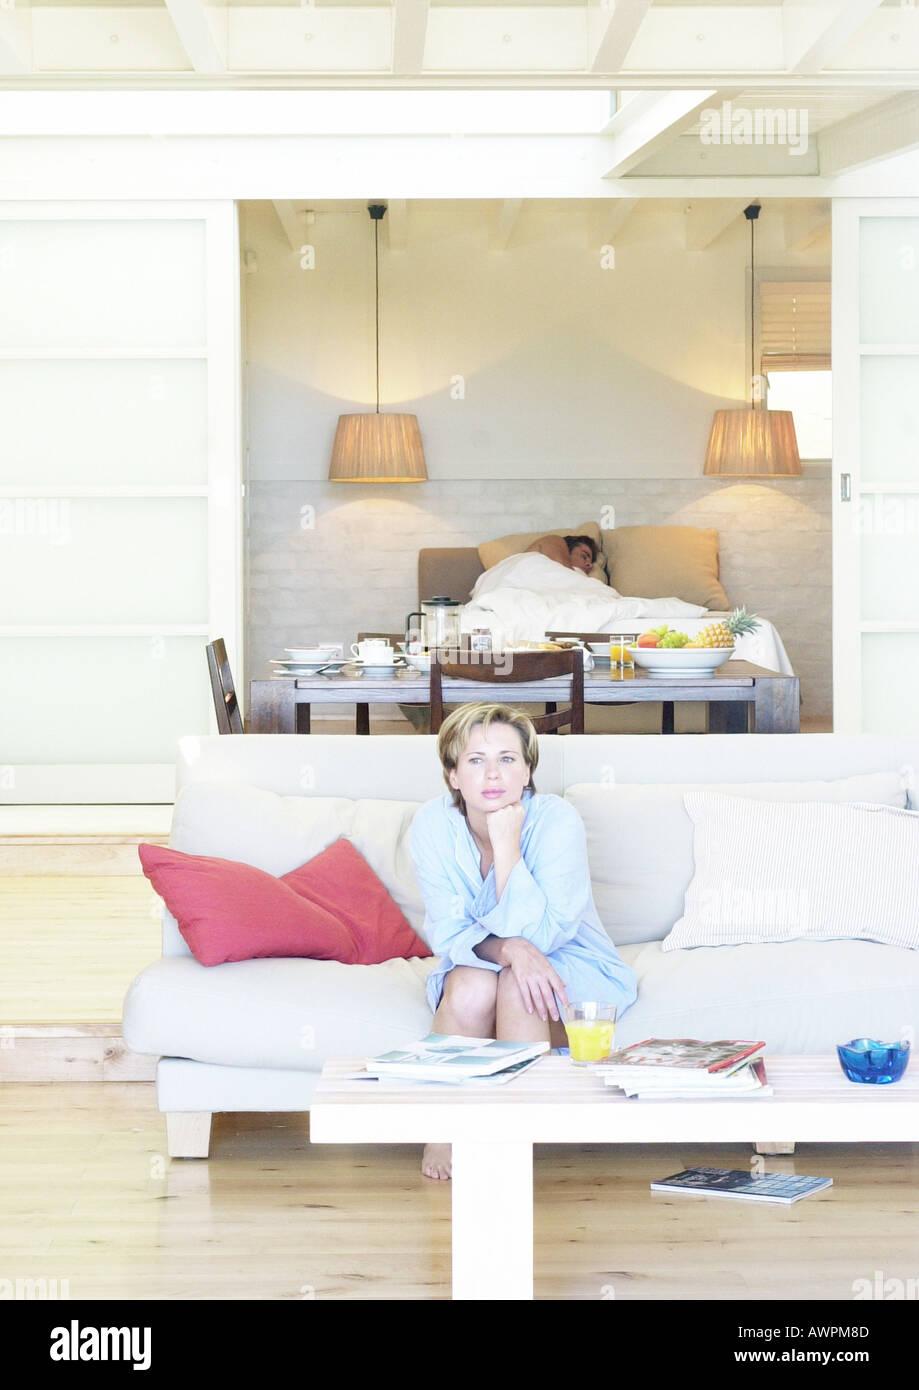 Femme assise sur un canapé, l'homme au lit en arrière-plan Banque D'Images